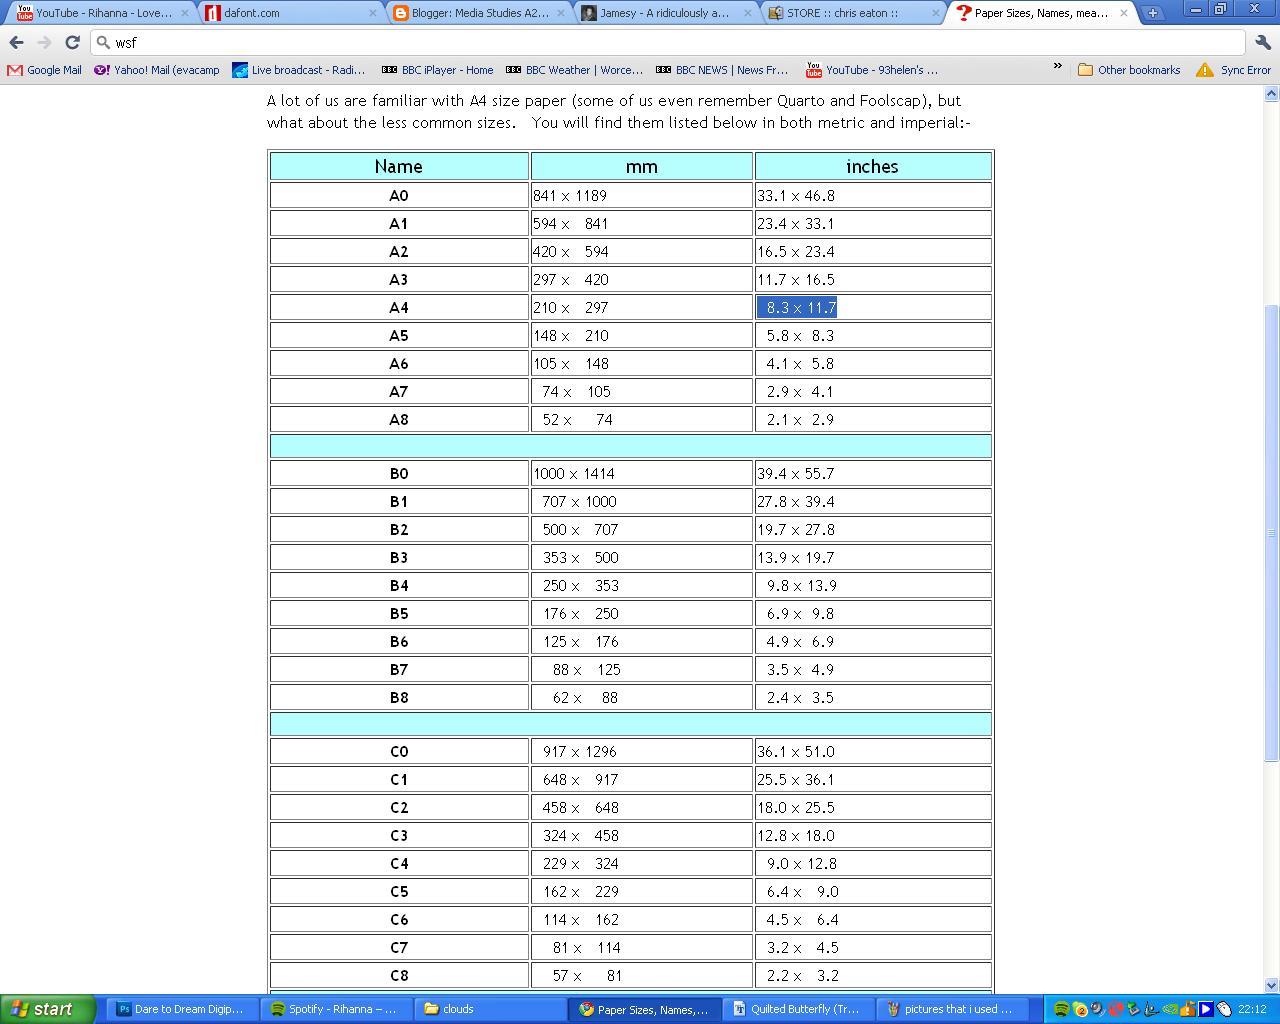 http://2.bp.blogspot.com/_I-s-hcFuKq8/TQXjoWDrSHI/AAAAAAAAAYY/cxuNJeLm3bE/s1600/a4+paper+size.JPG